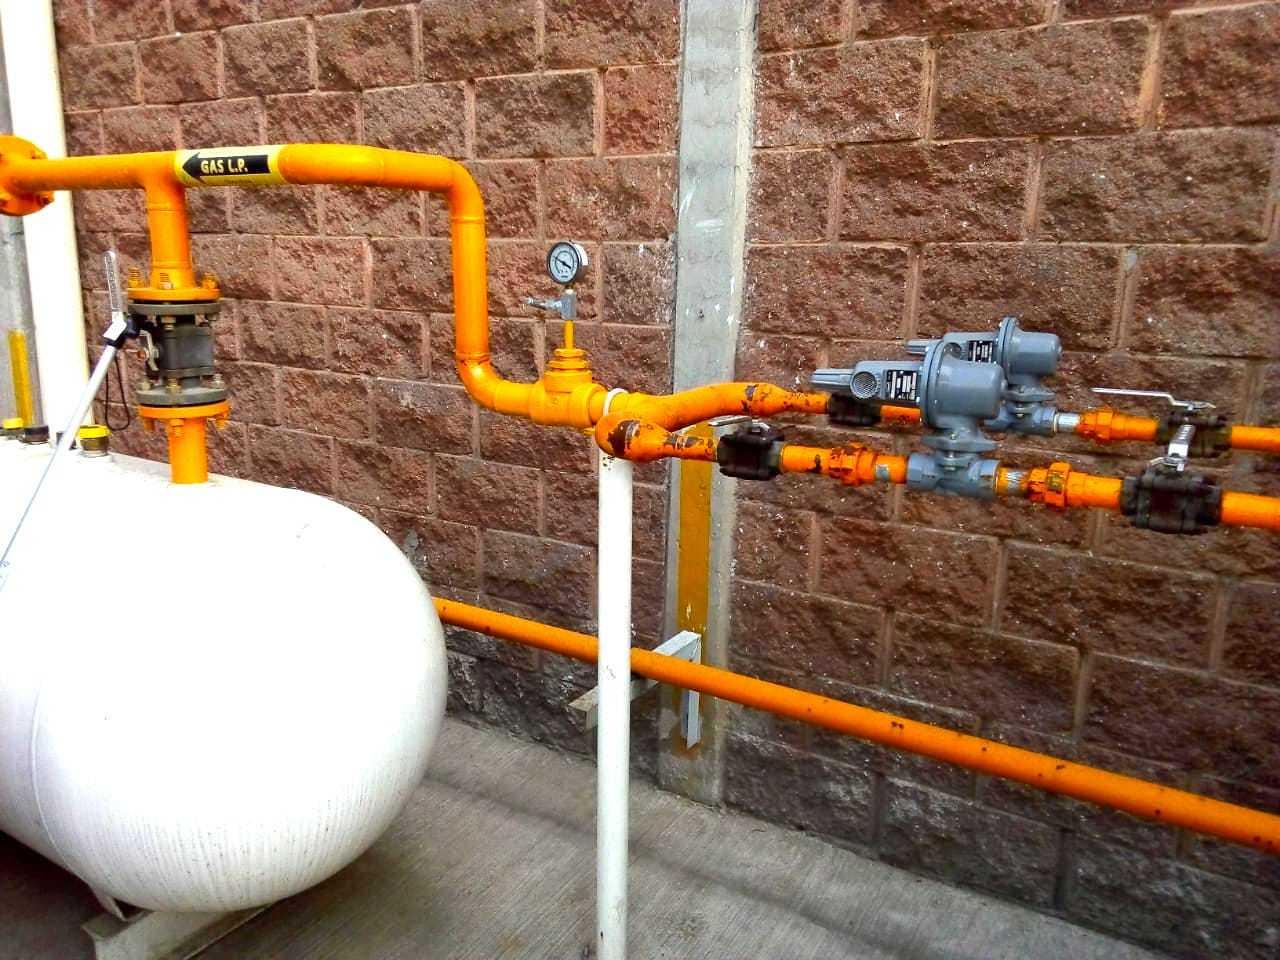 Tipos de instalación de gas lp  Tipos de instalacion de Gas LP y accesorios requeridos Instalacion de P al P y de cobre en Naucalpan para Gas LP